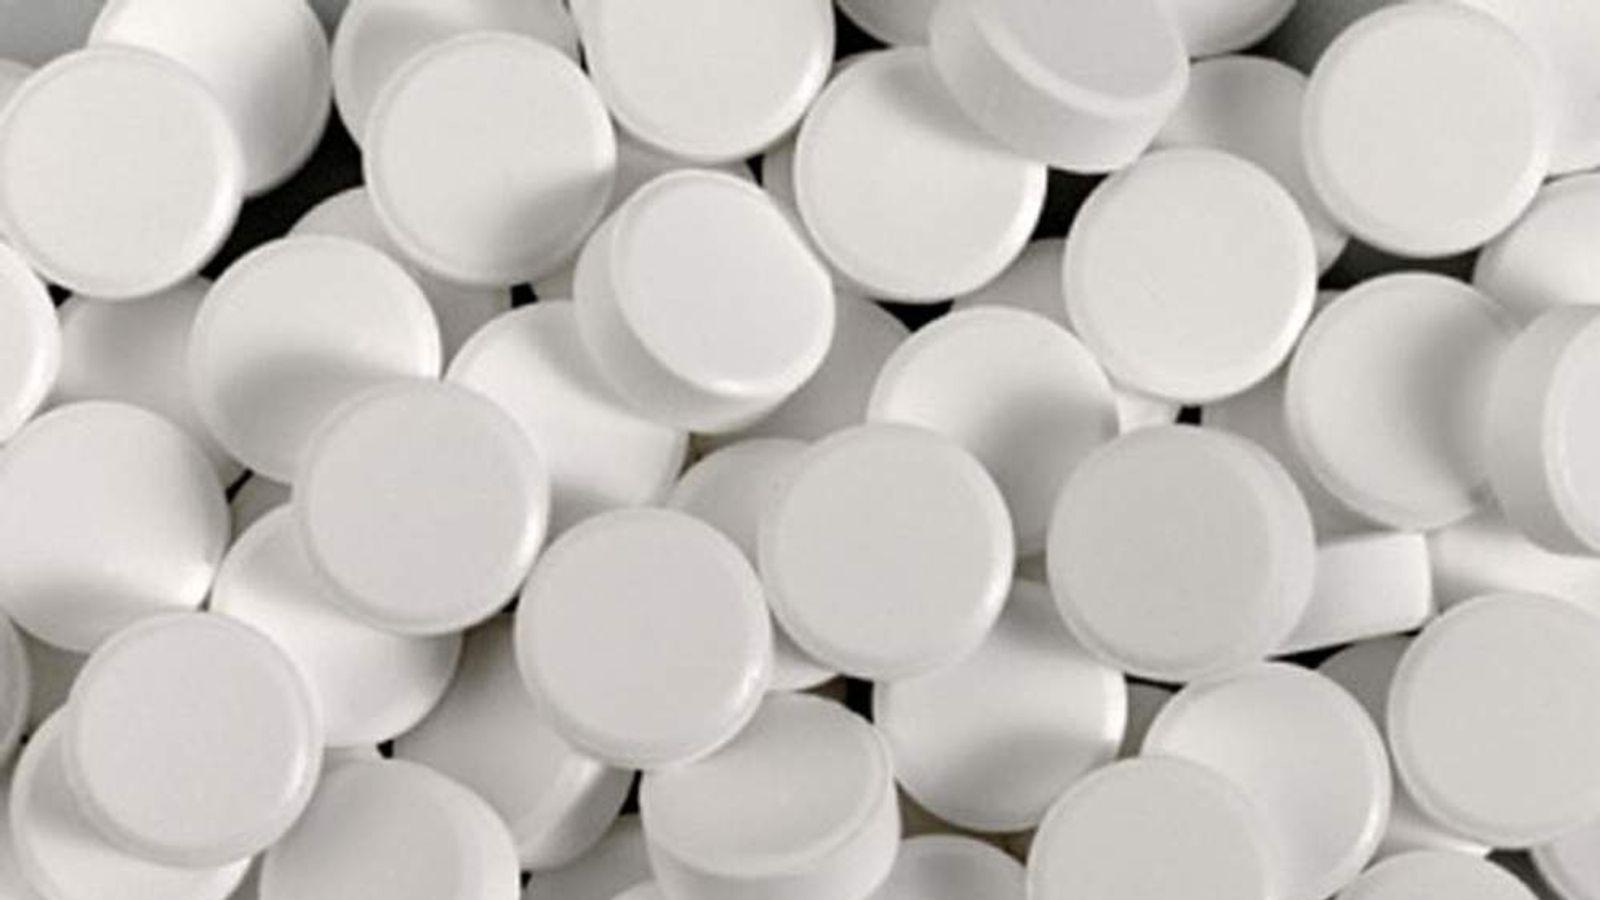 USES FOR ASPIRIN TIMELINE